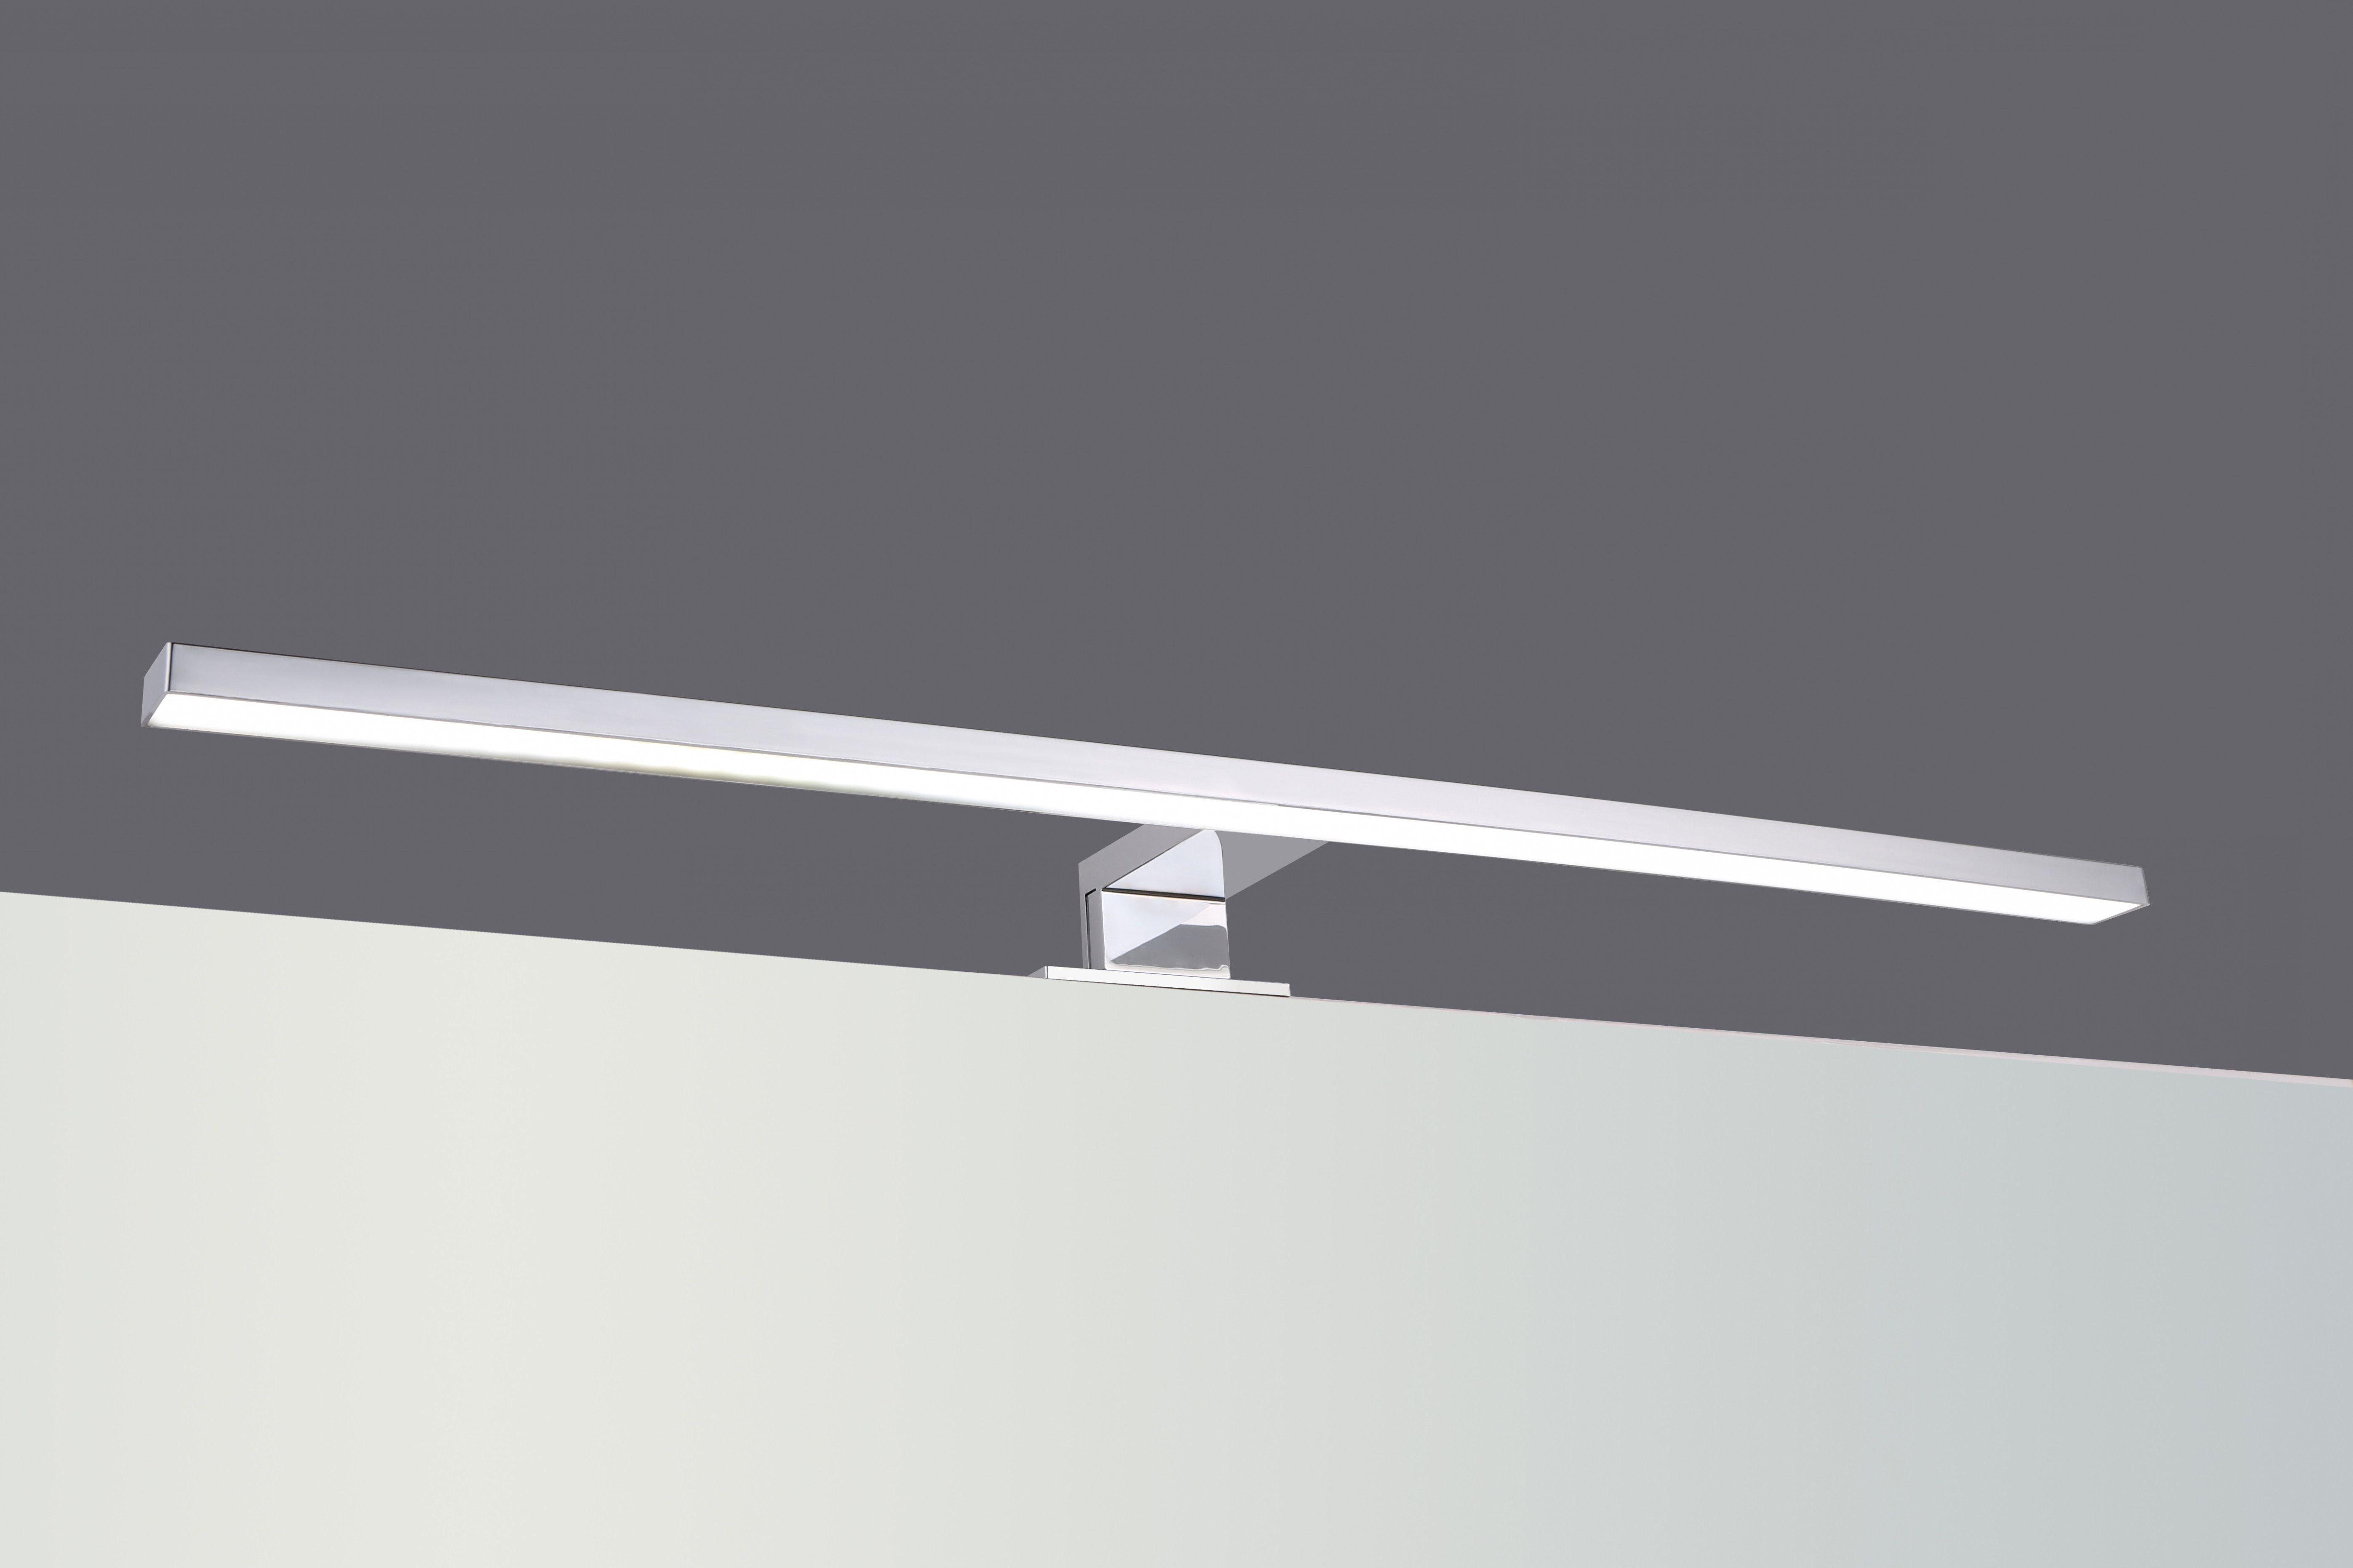 Effektivste Wege Zur Uberwindung Des Problems Von Lampe Badezimmer